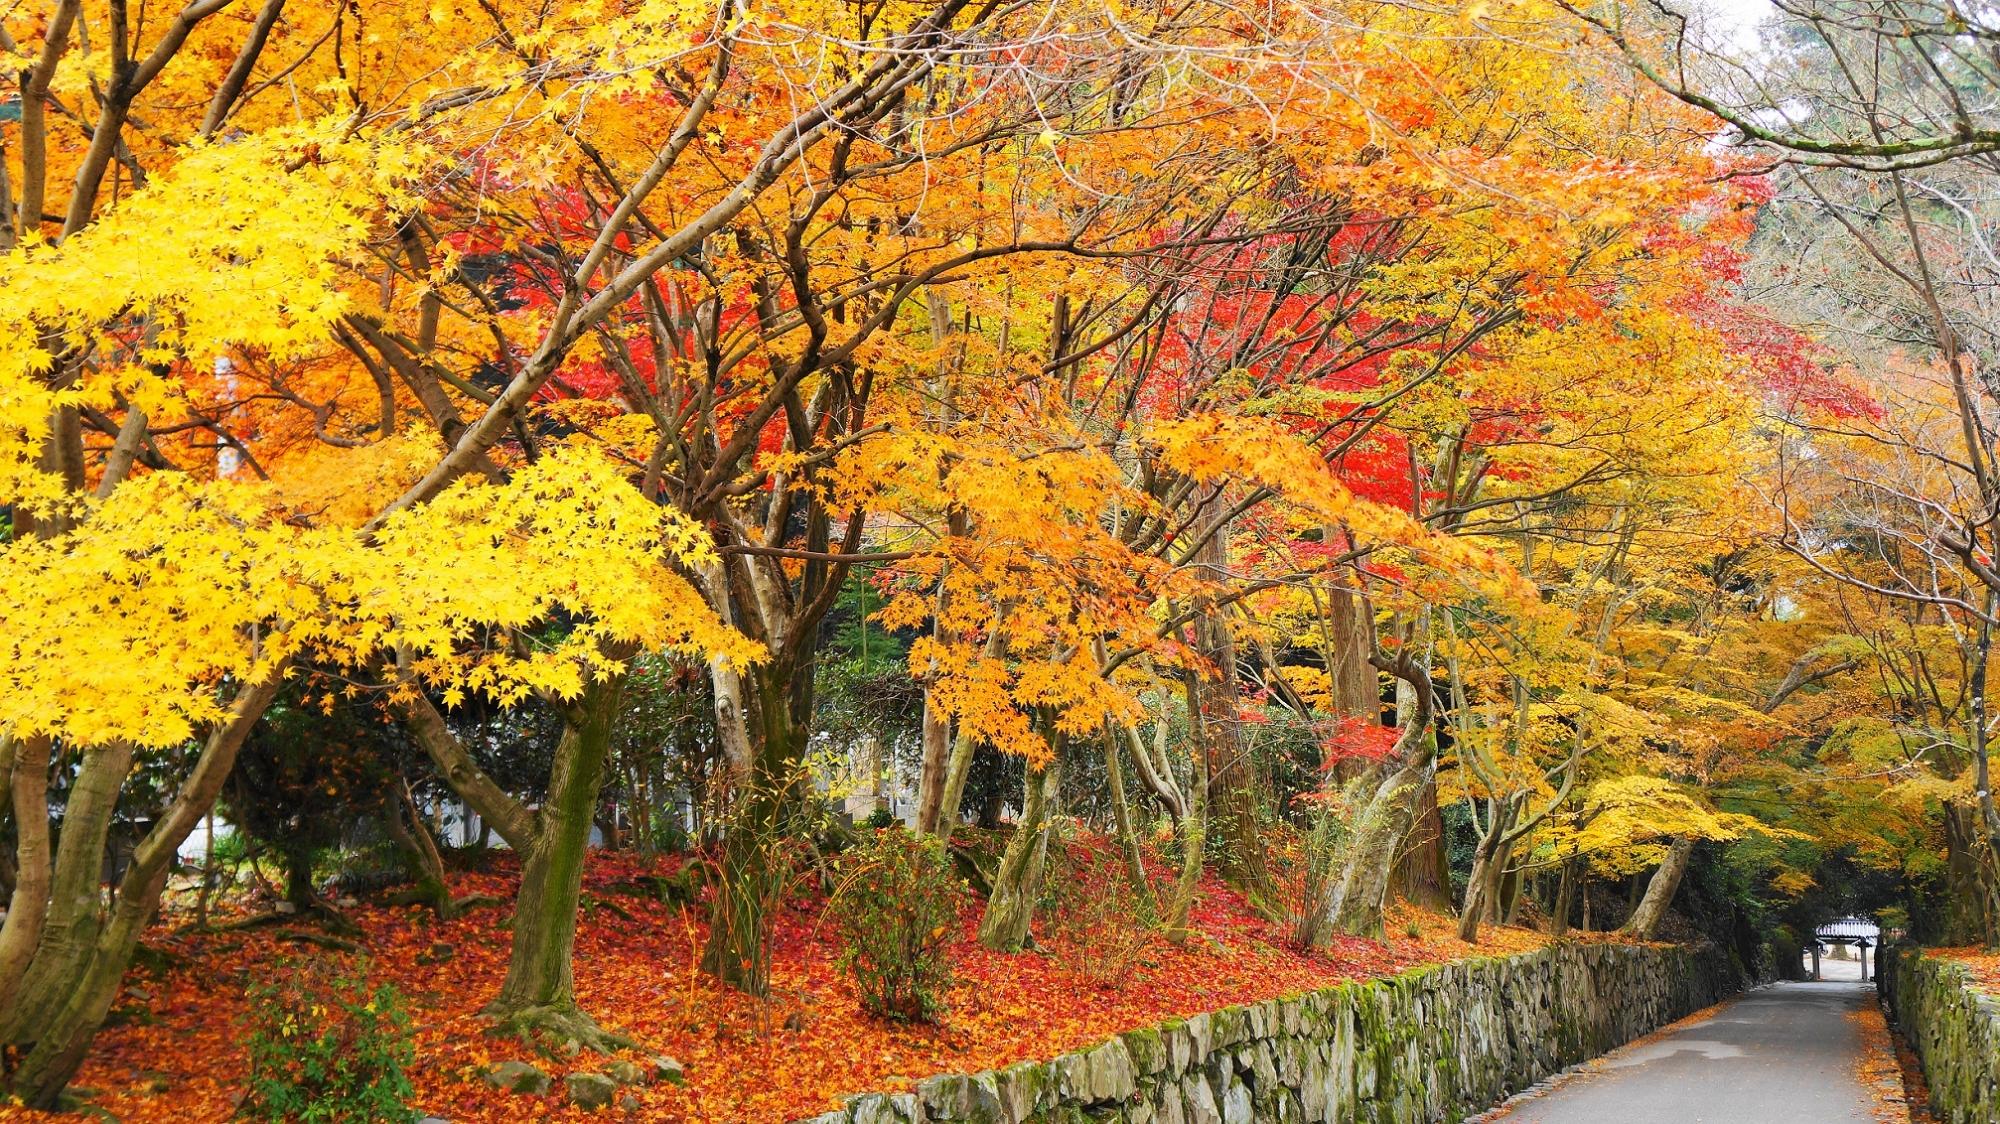 琴坂を染める多彩な秋色の紅葉や散りもみじ